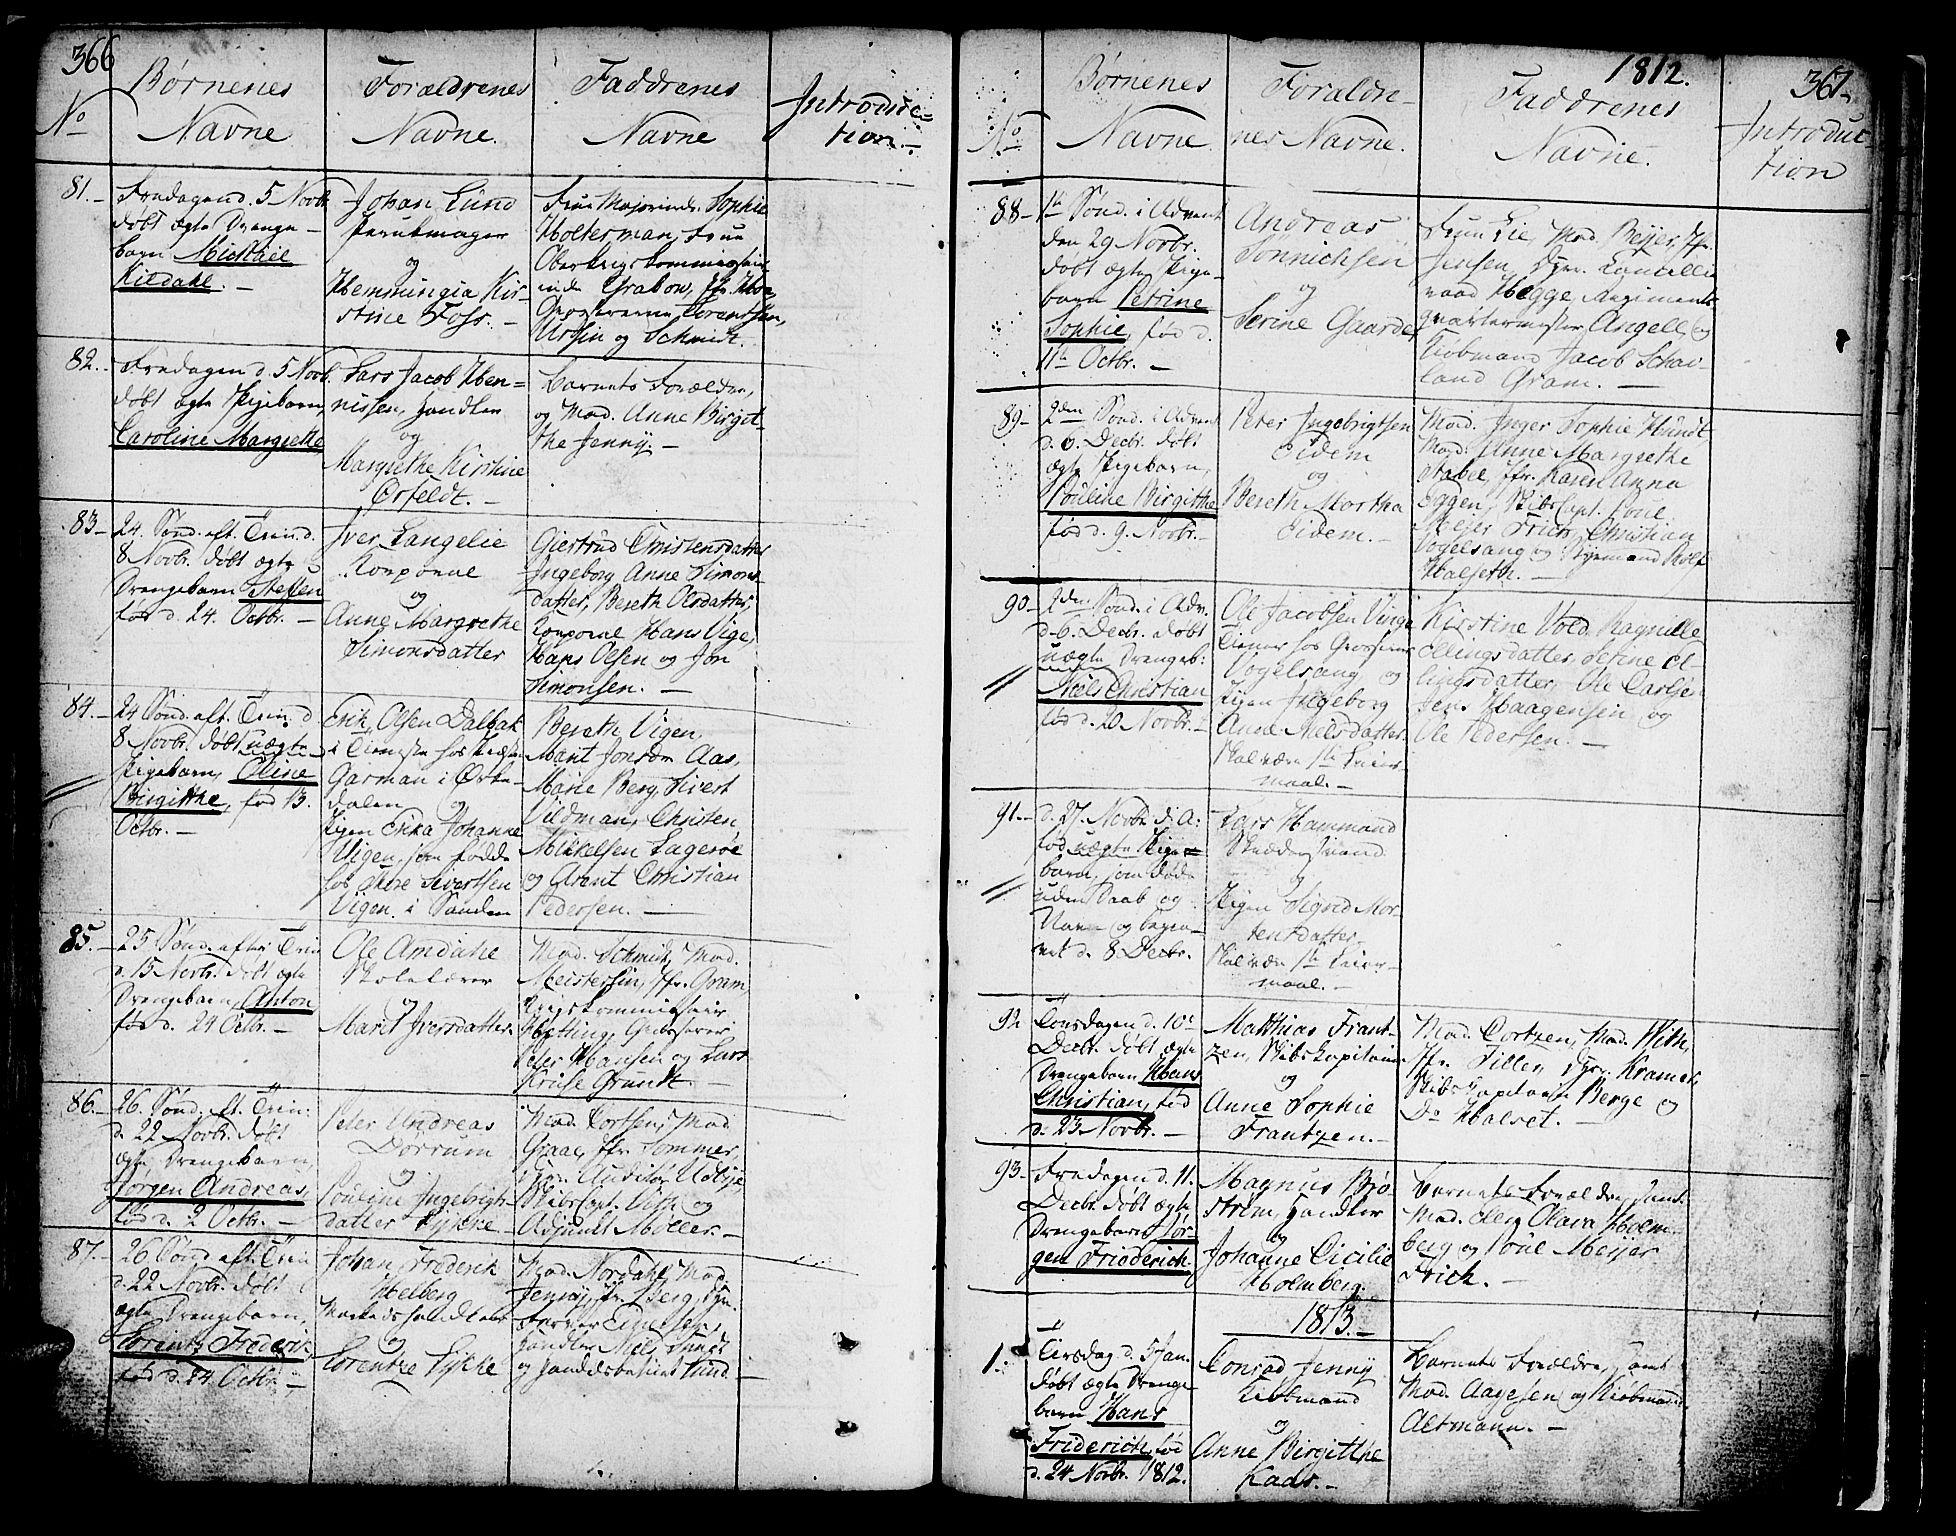 SAT, Ministerialprotokoller, klokkerbøker og fødselsregistre - Sør-Trøndelag, 602/L0104: Ministerialbok nr. 602A02, 1774-1814, s. 366-367